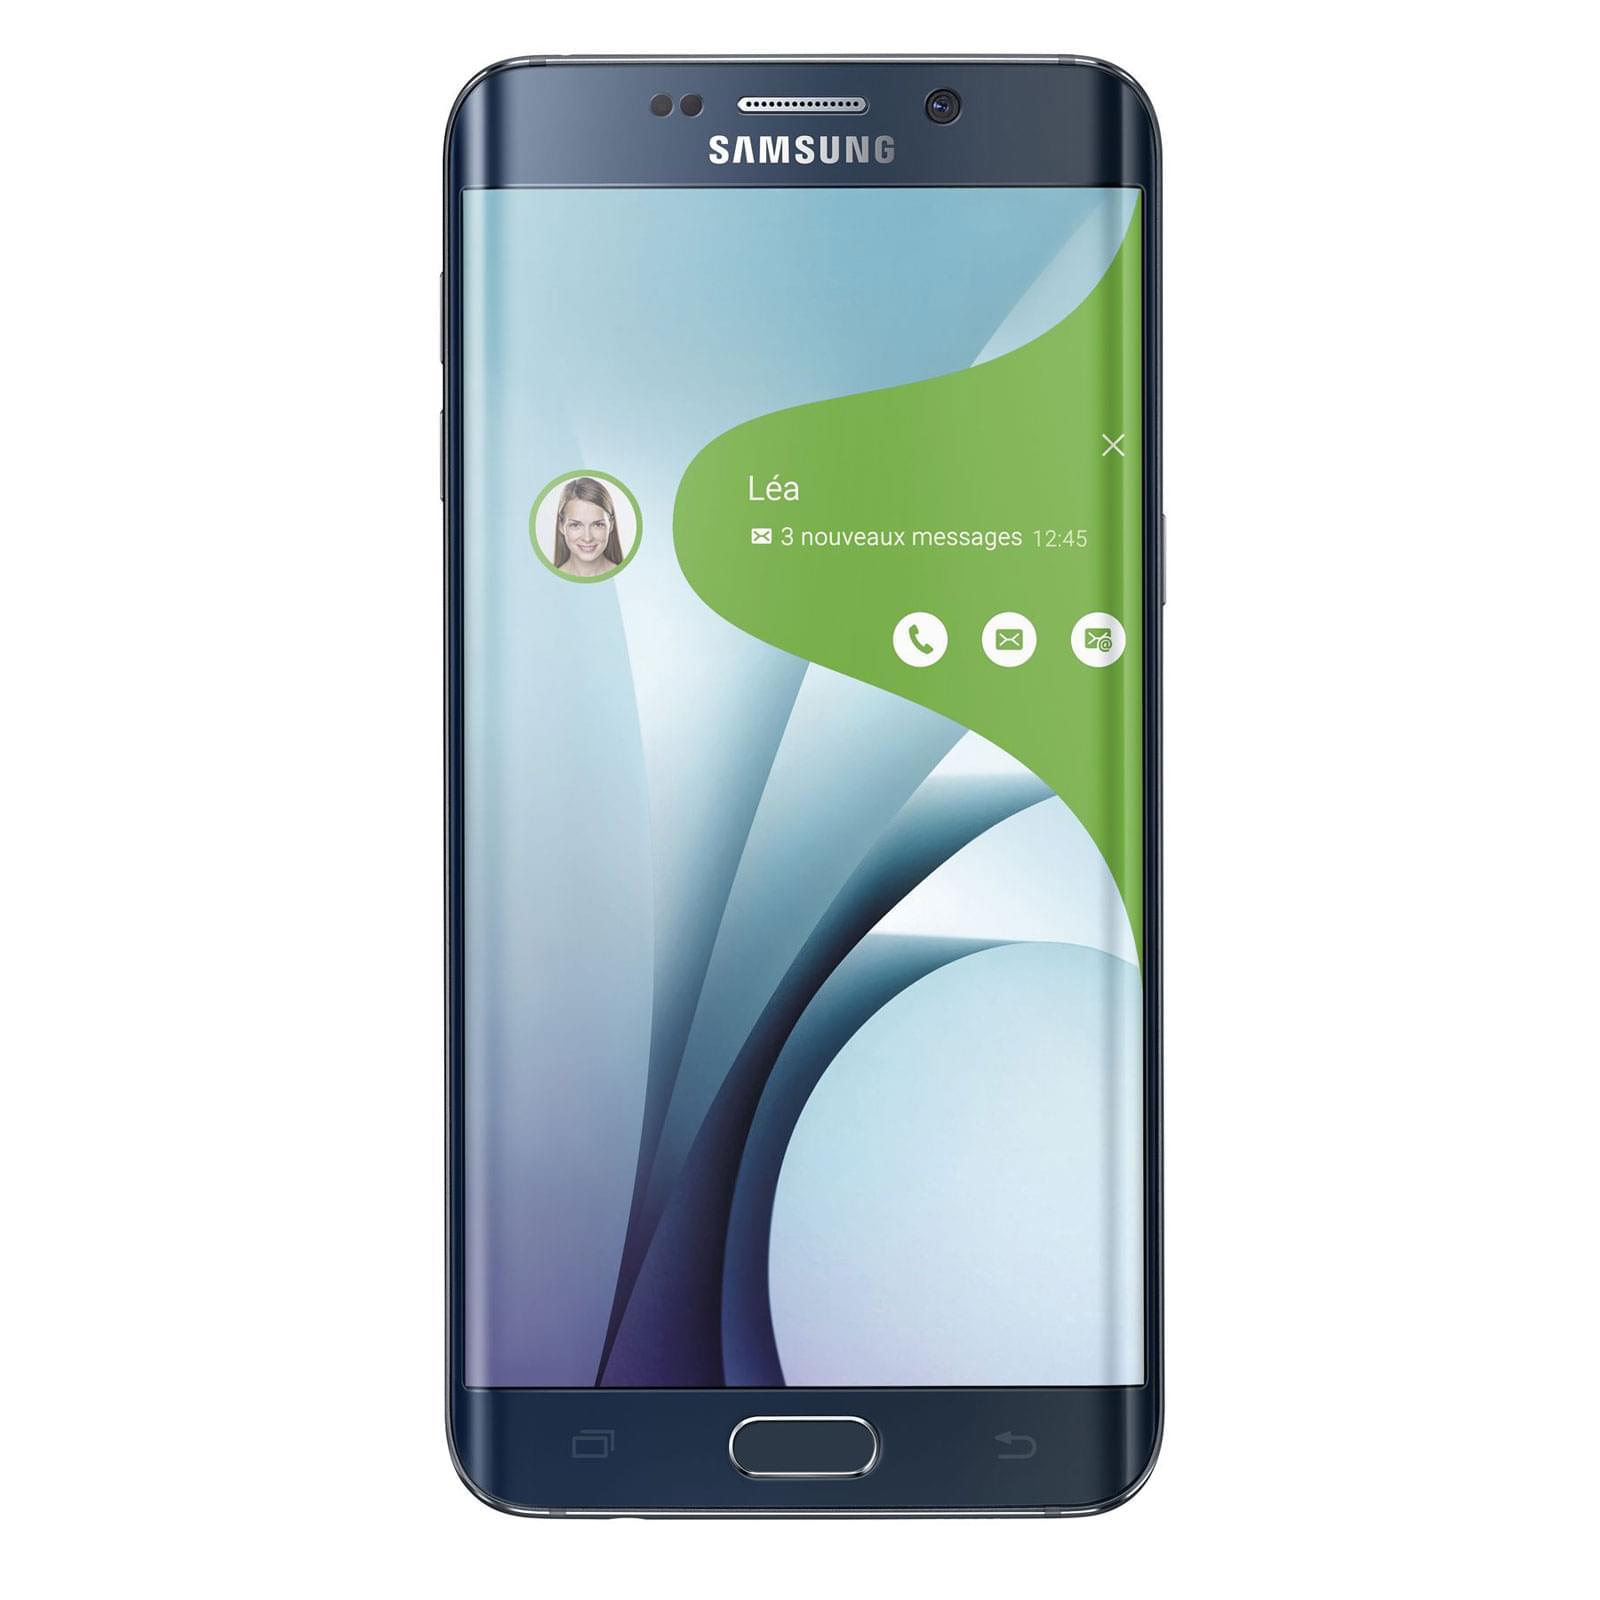 Samsung Galaxy S6 Edge+ 32Go SM-G928F Black (SM-G928FZKAXEF soldé) - Achat / Vente Téléphonie sur Cybertek.fr - 0